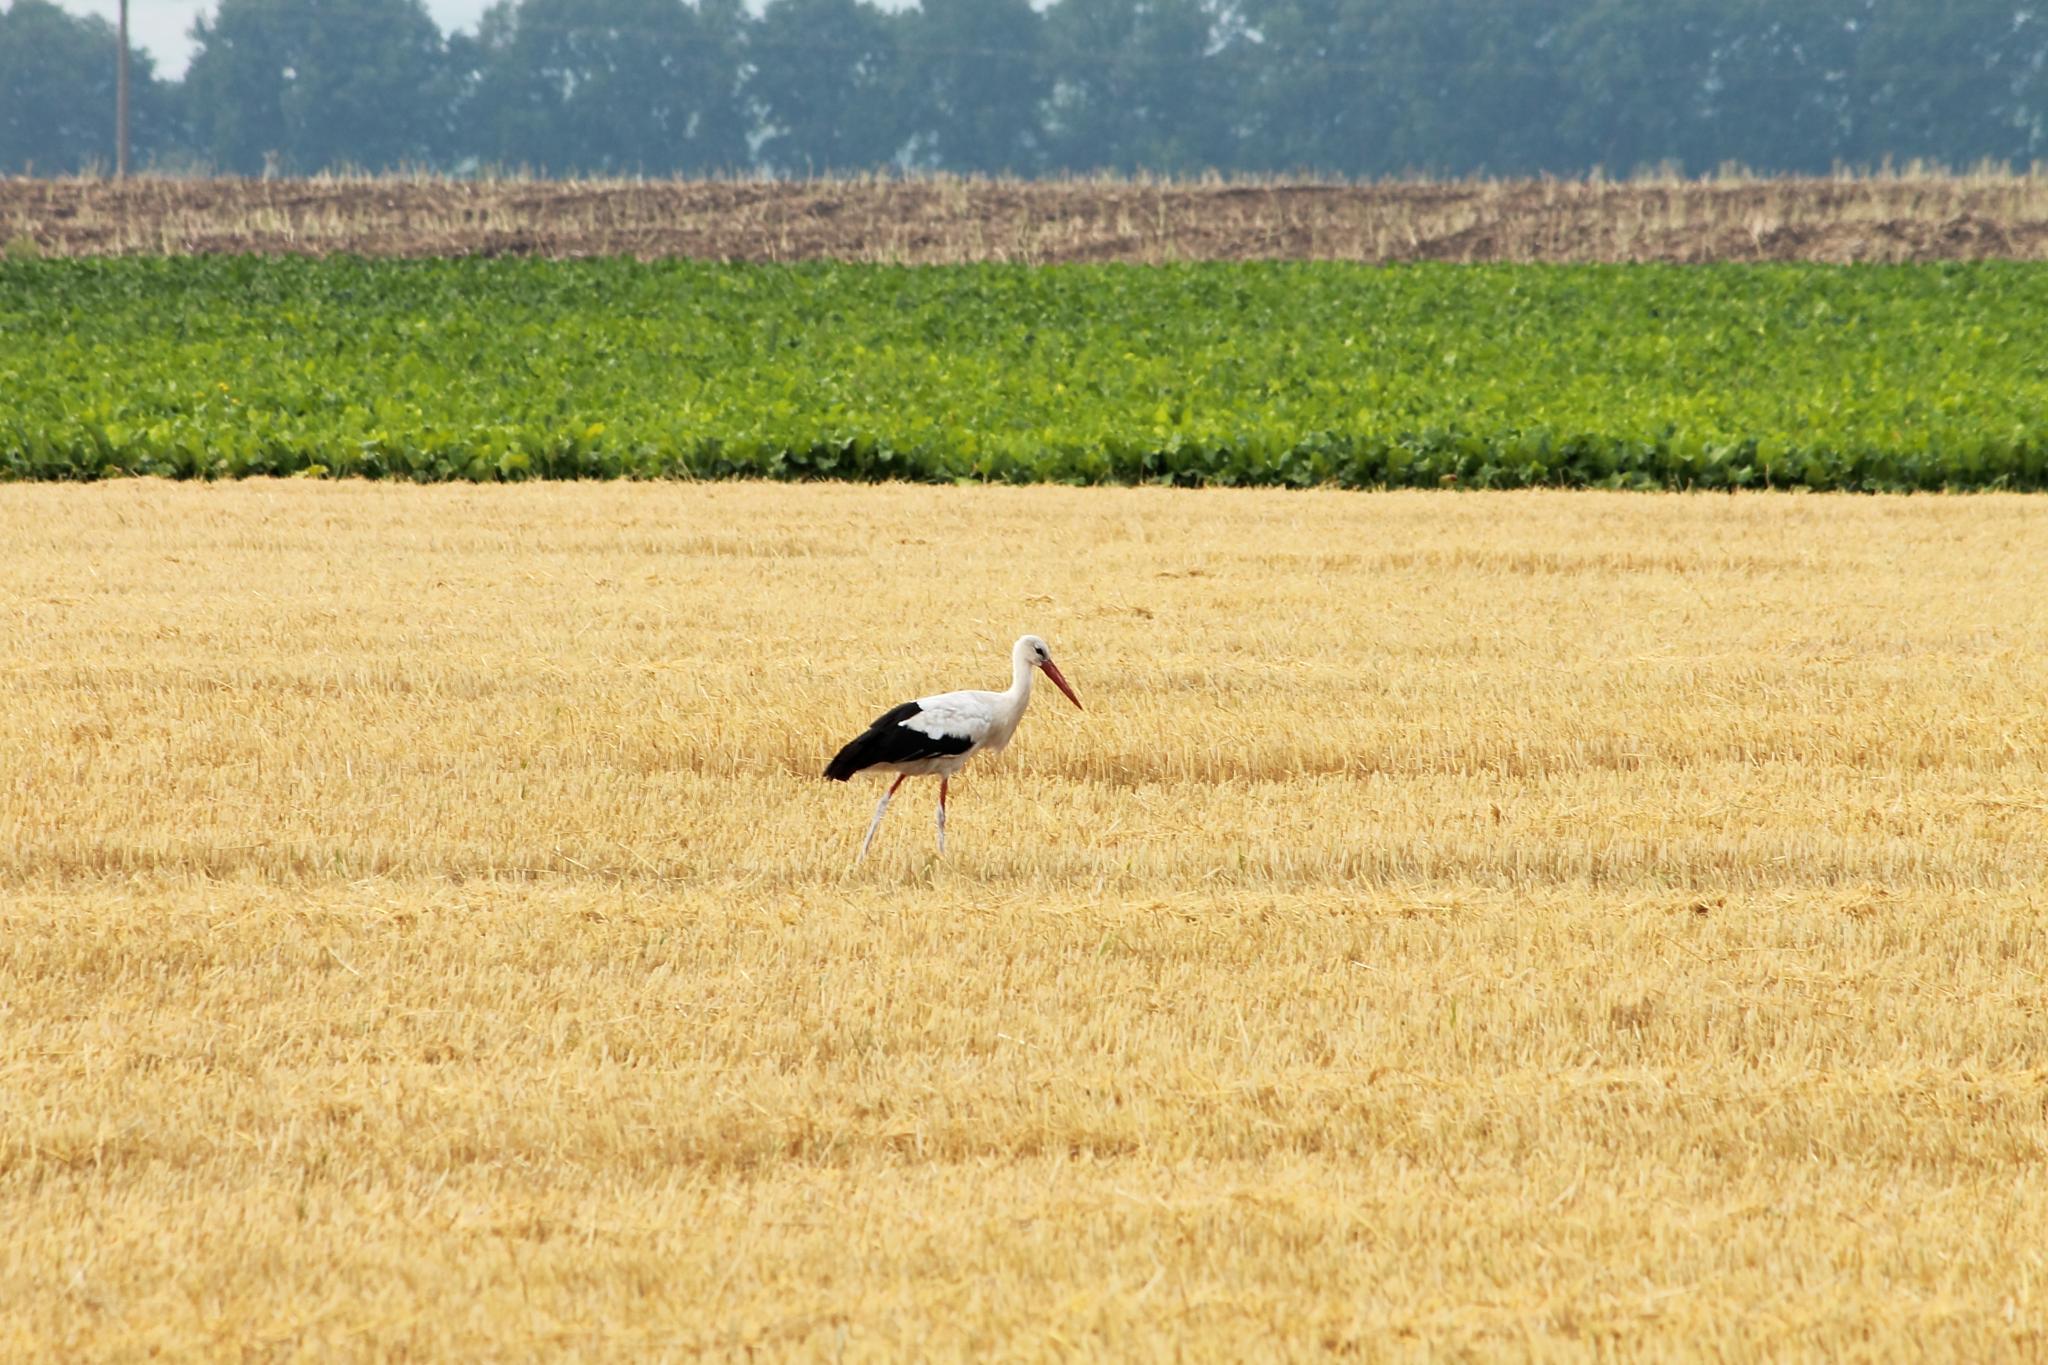 stork by Vasiliy Kotkov